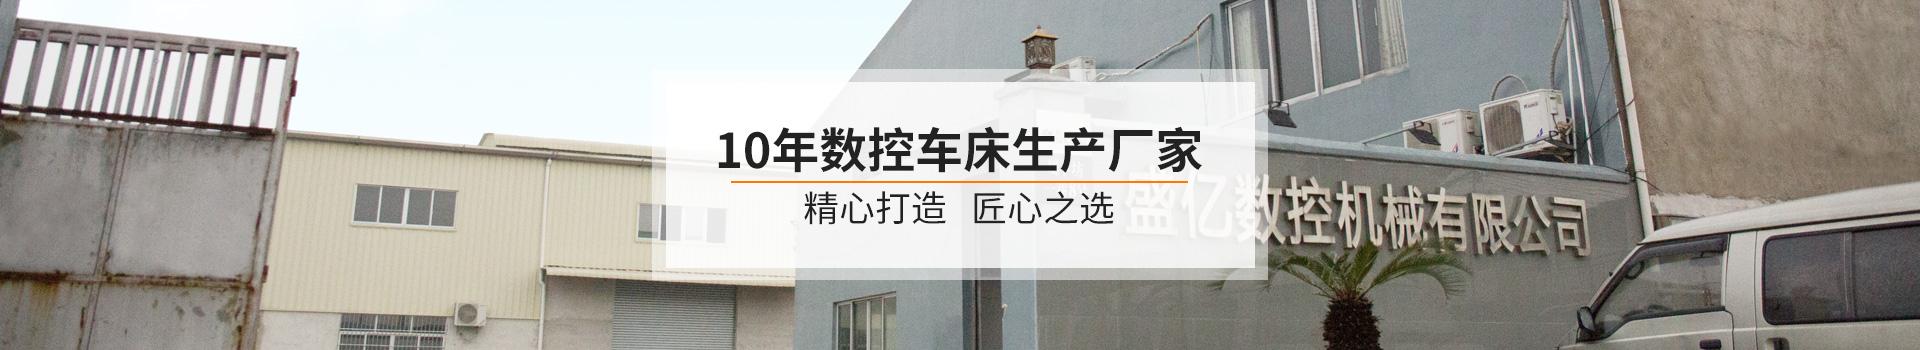 beplay官方下载苹果版数控-10年数控车床生产厂家